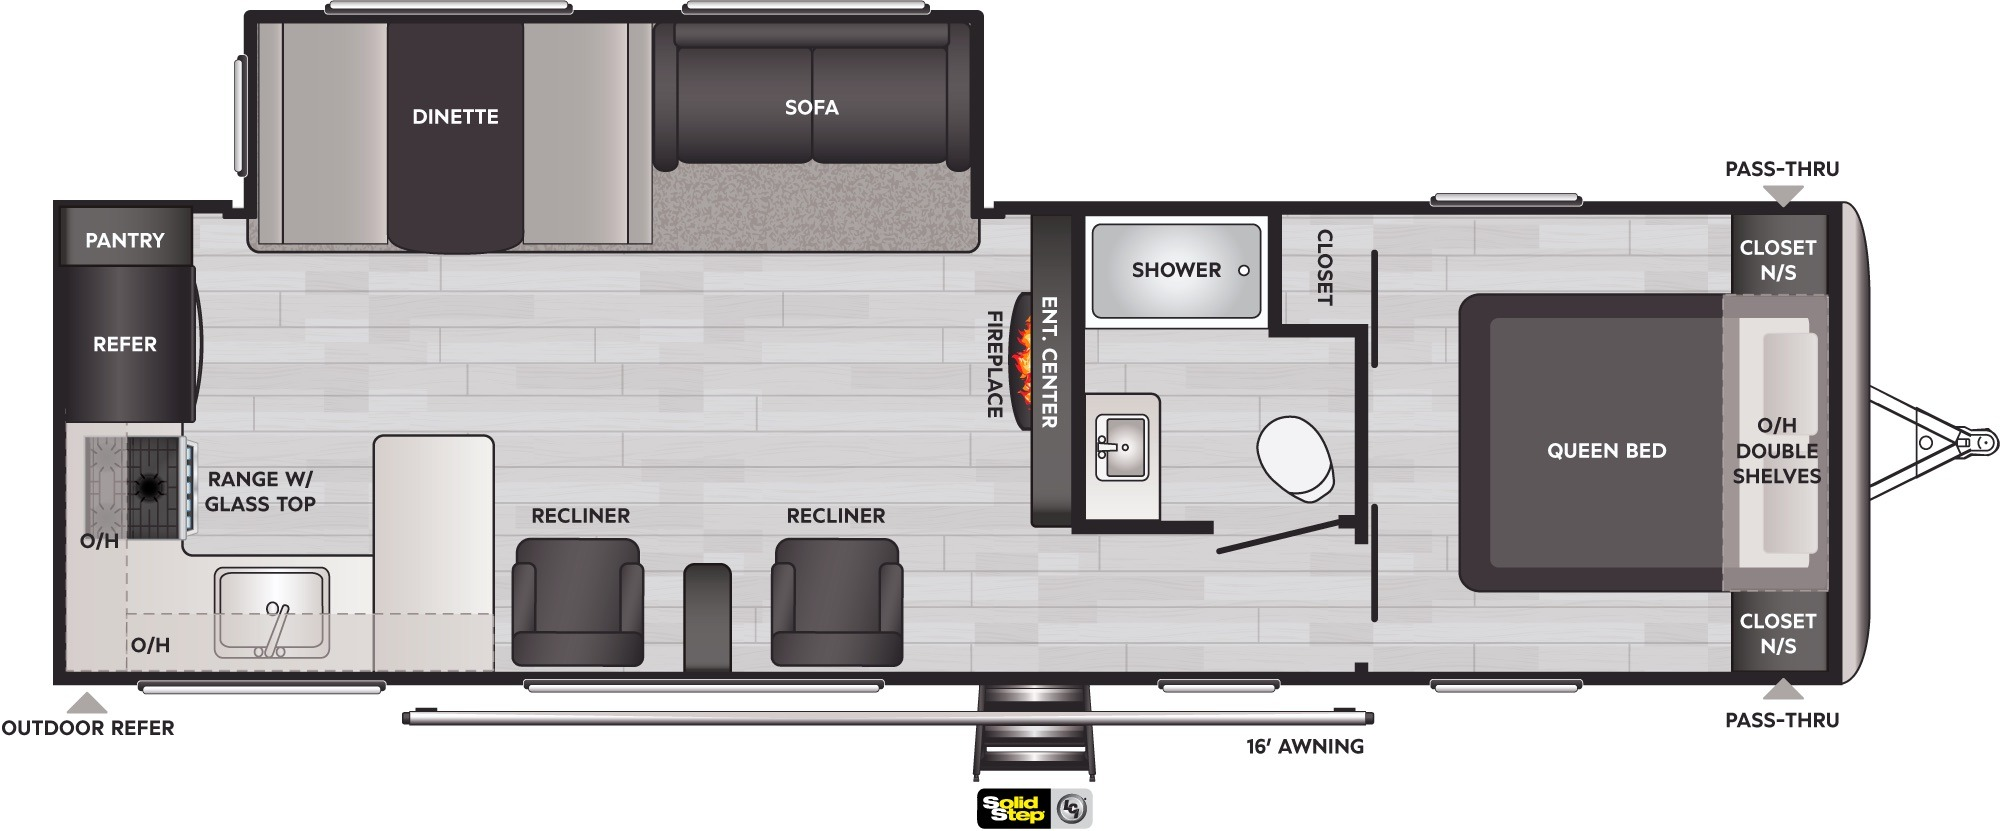 View Floor Plan for 2022 KEYSTONE SPRINGDALE 293RK